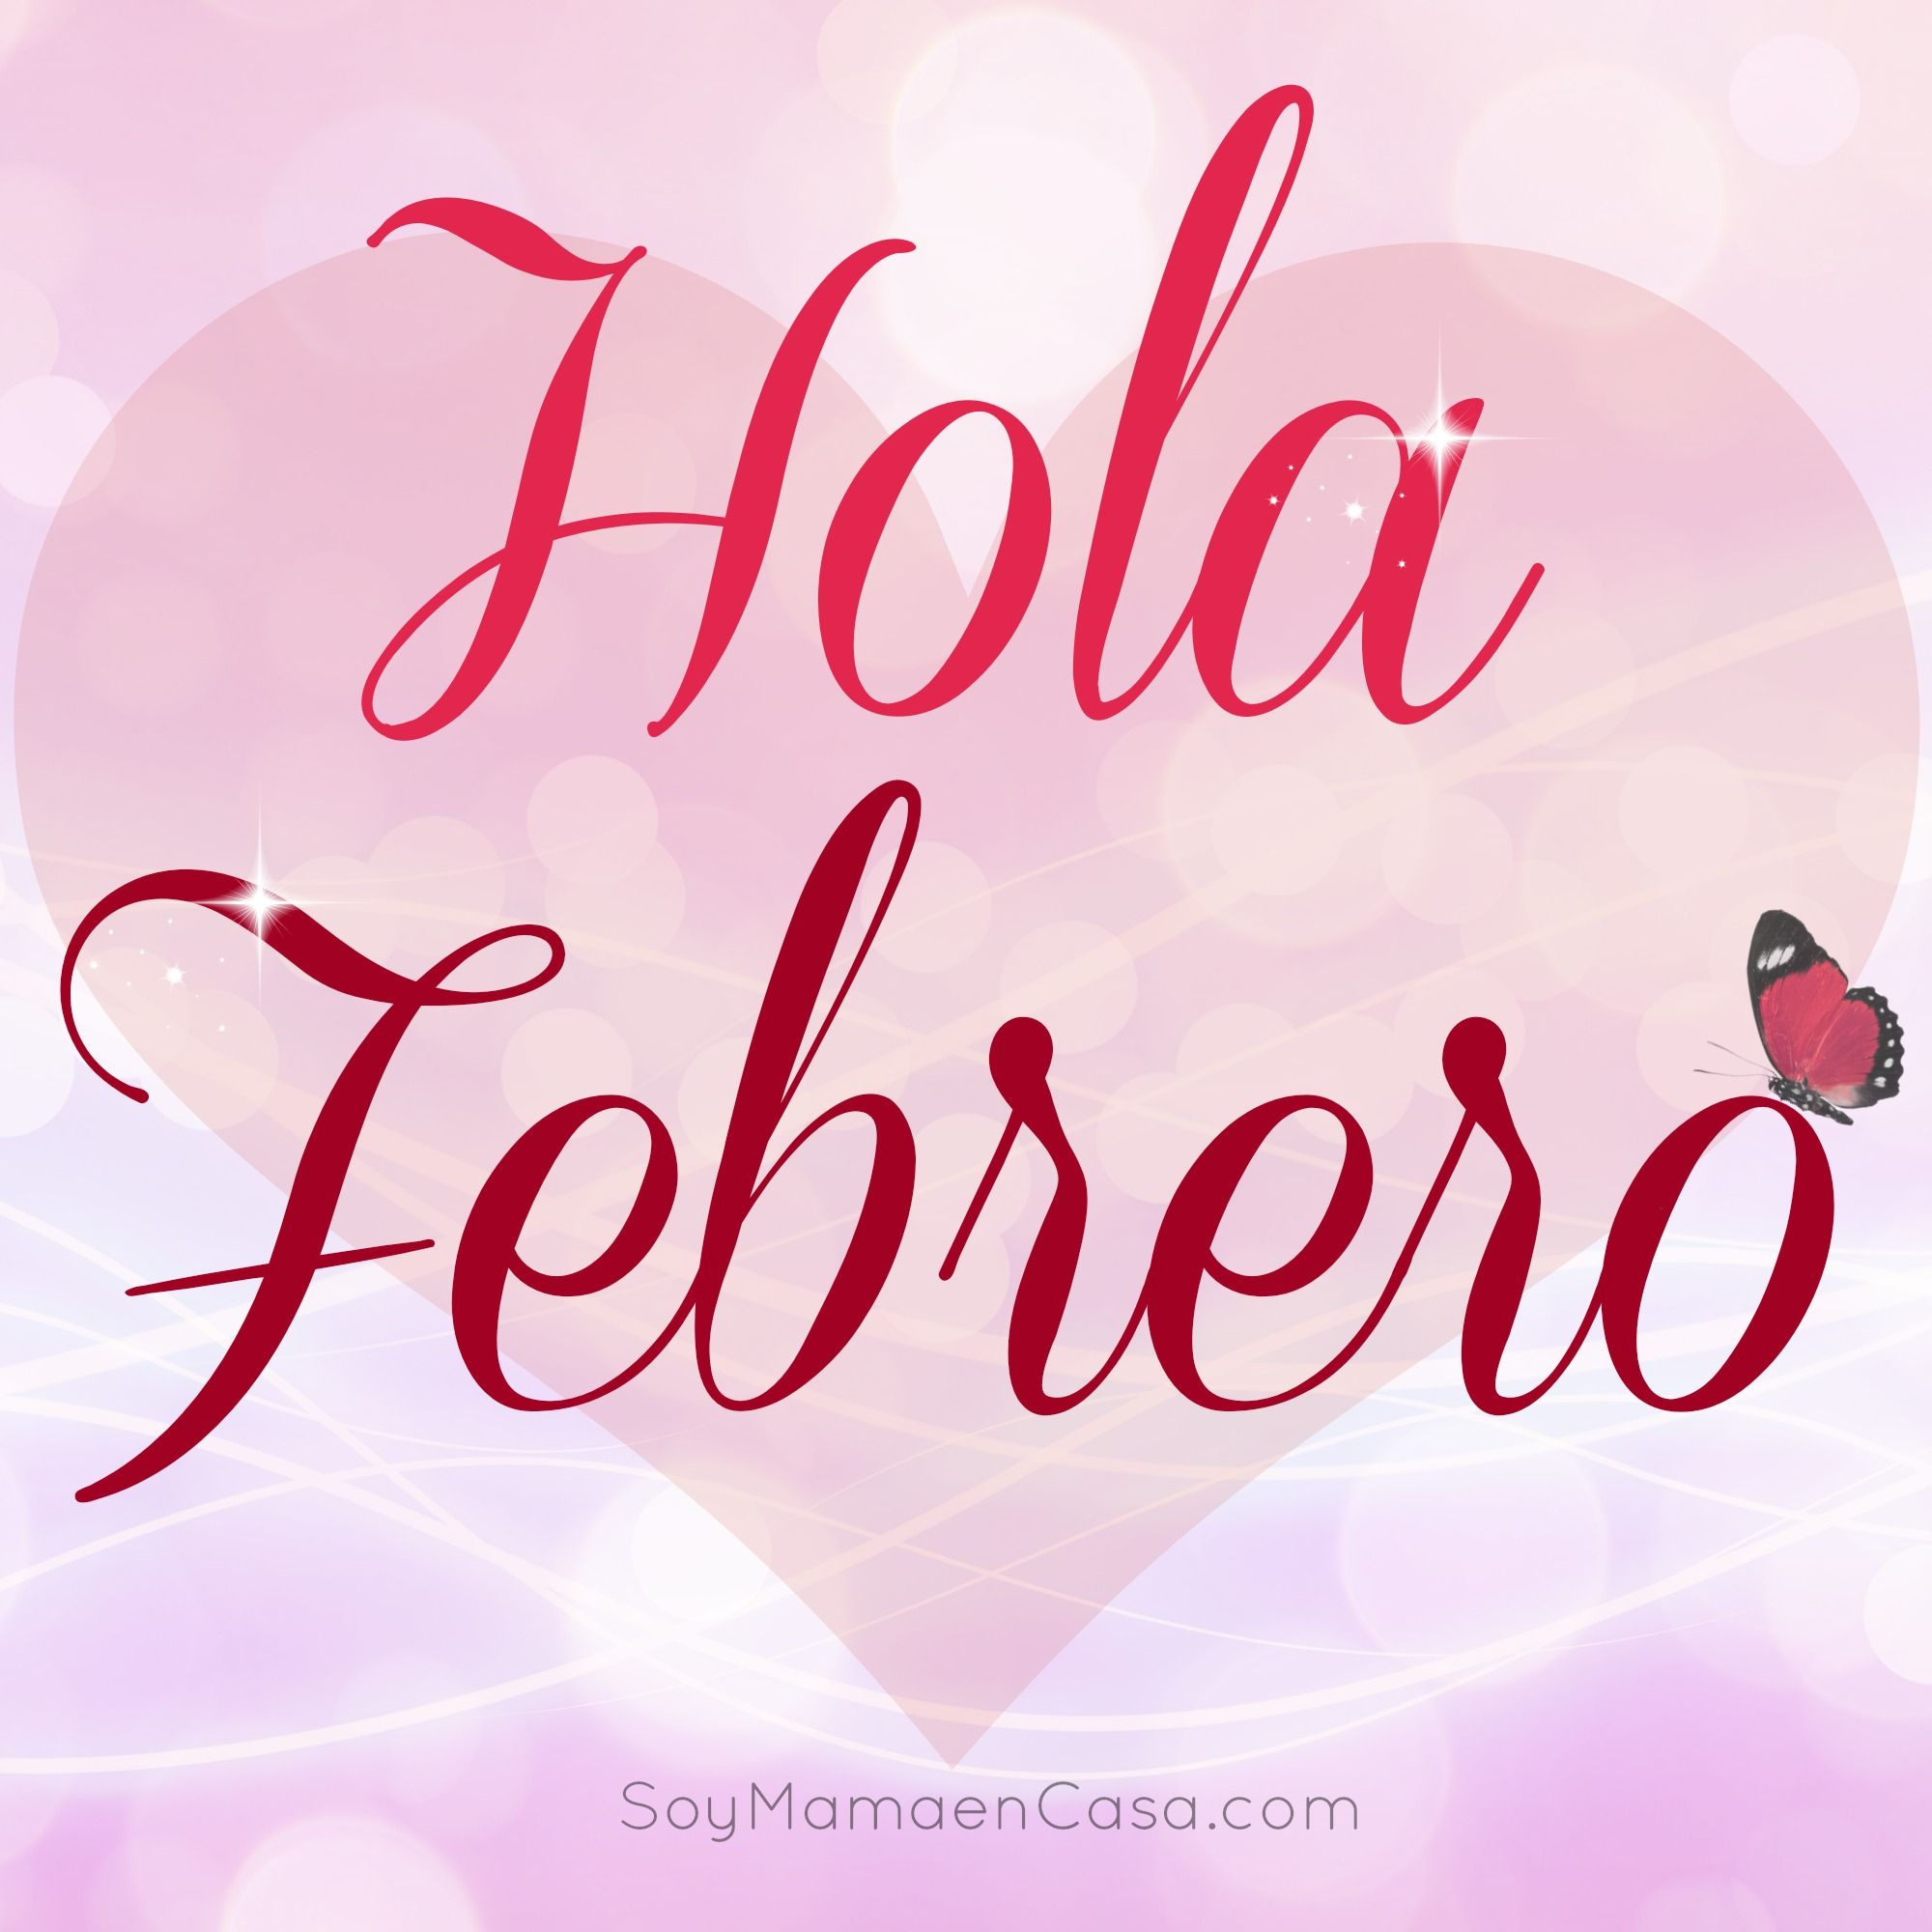 Hola #Febrero www.soymamaencasa.com | Graphics/ Buenos ...